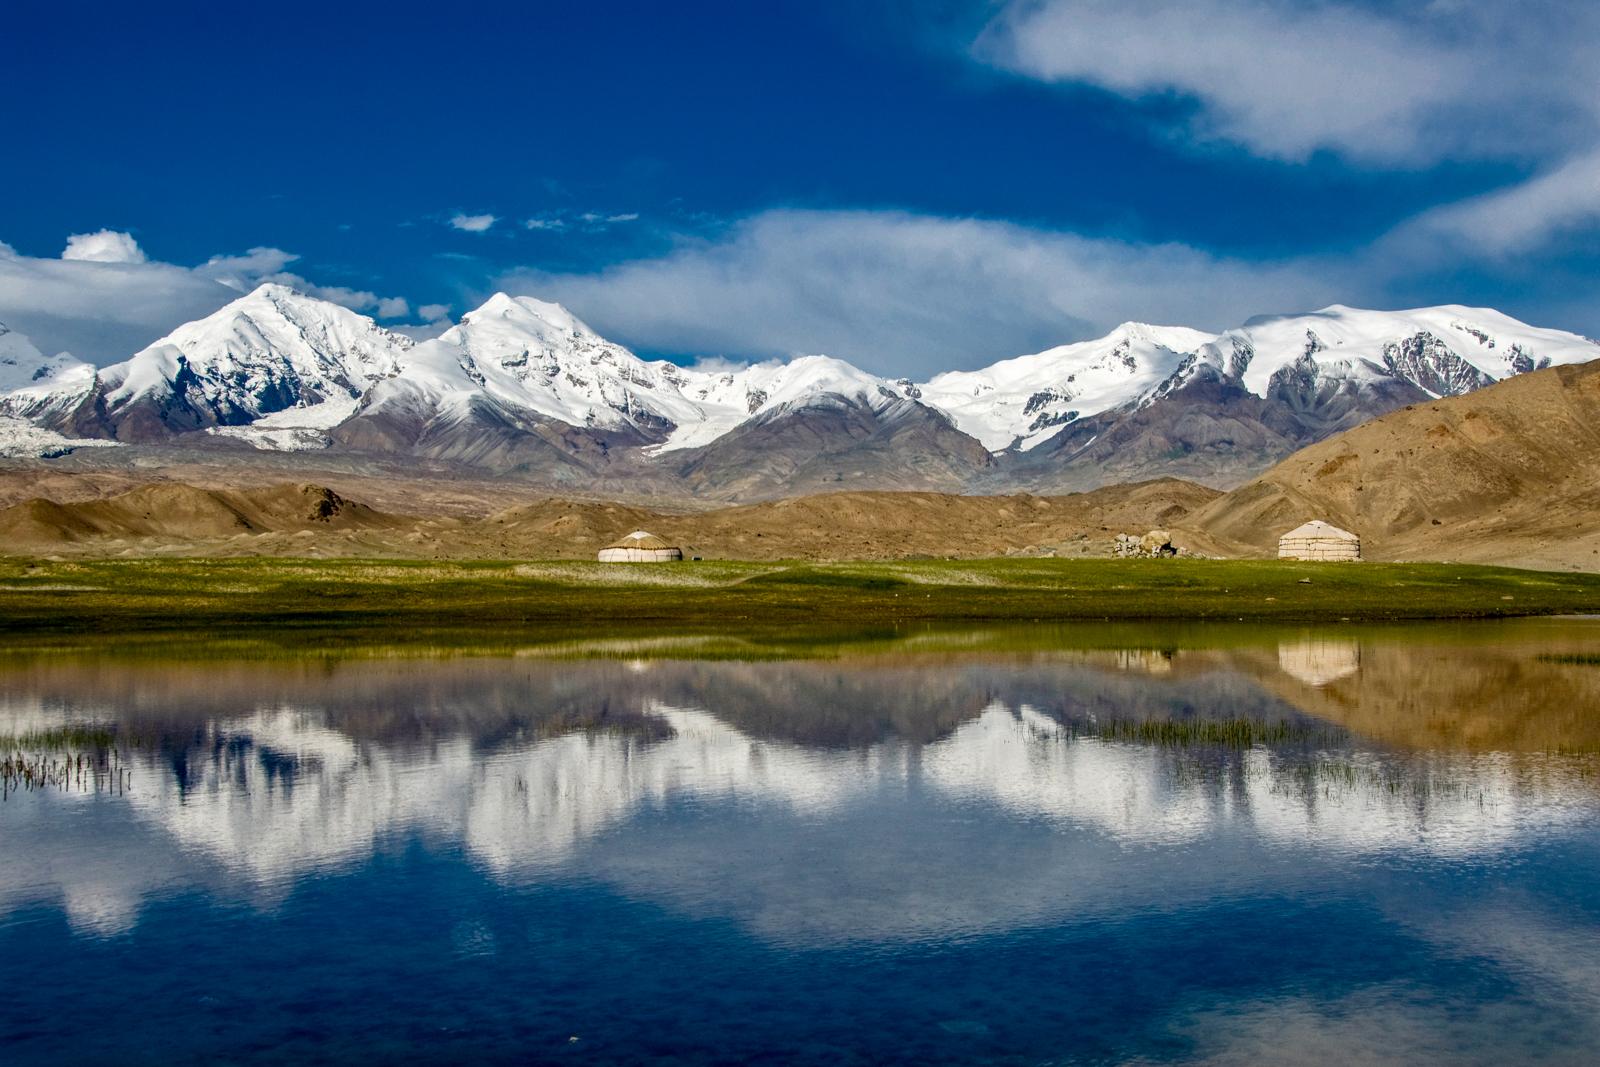 パミール高原のカラクリ湖周辺からは雄大な山岳風景が広がる